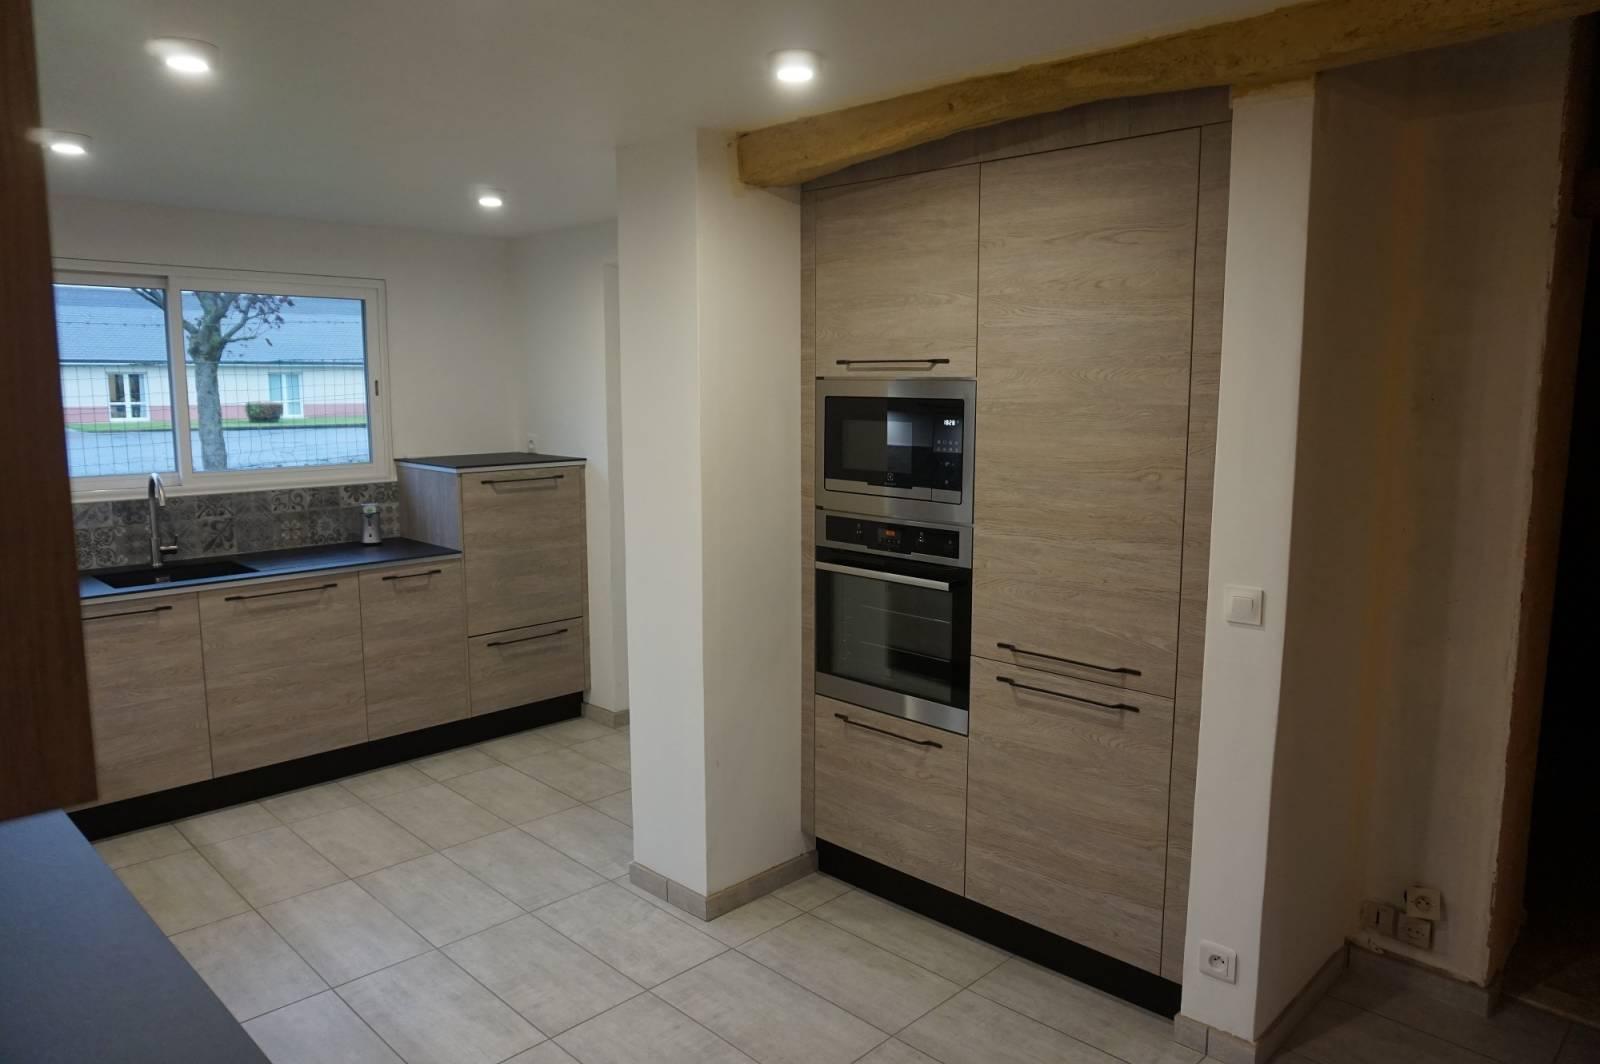 vente et installation cuisine am nag e odyss e. Black Bedroom Furniture Sets. Home Design Ideas